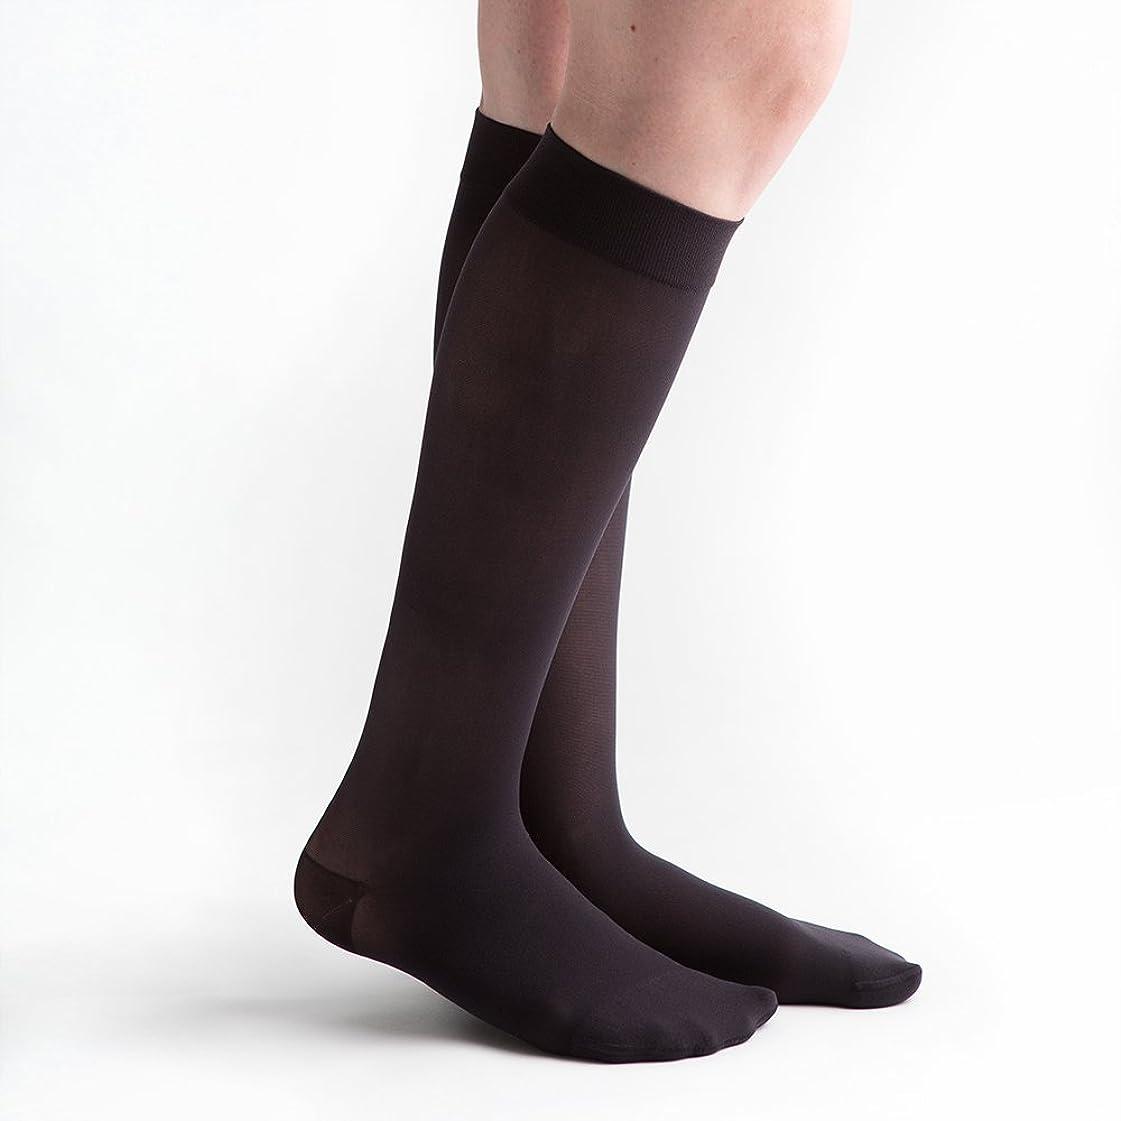 収束するセミナーセメントvenactive薄手20?–?30?mmHg Closed Toe膝高圧縮ストッキング